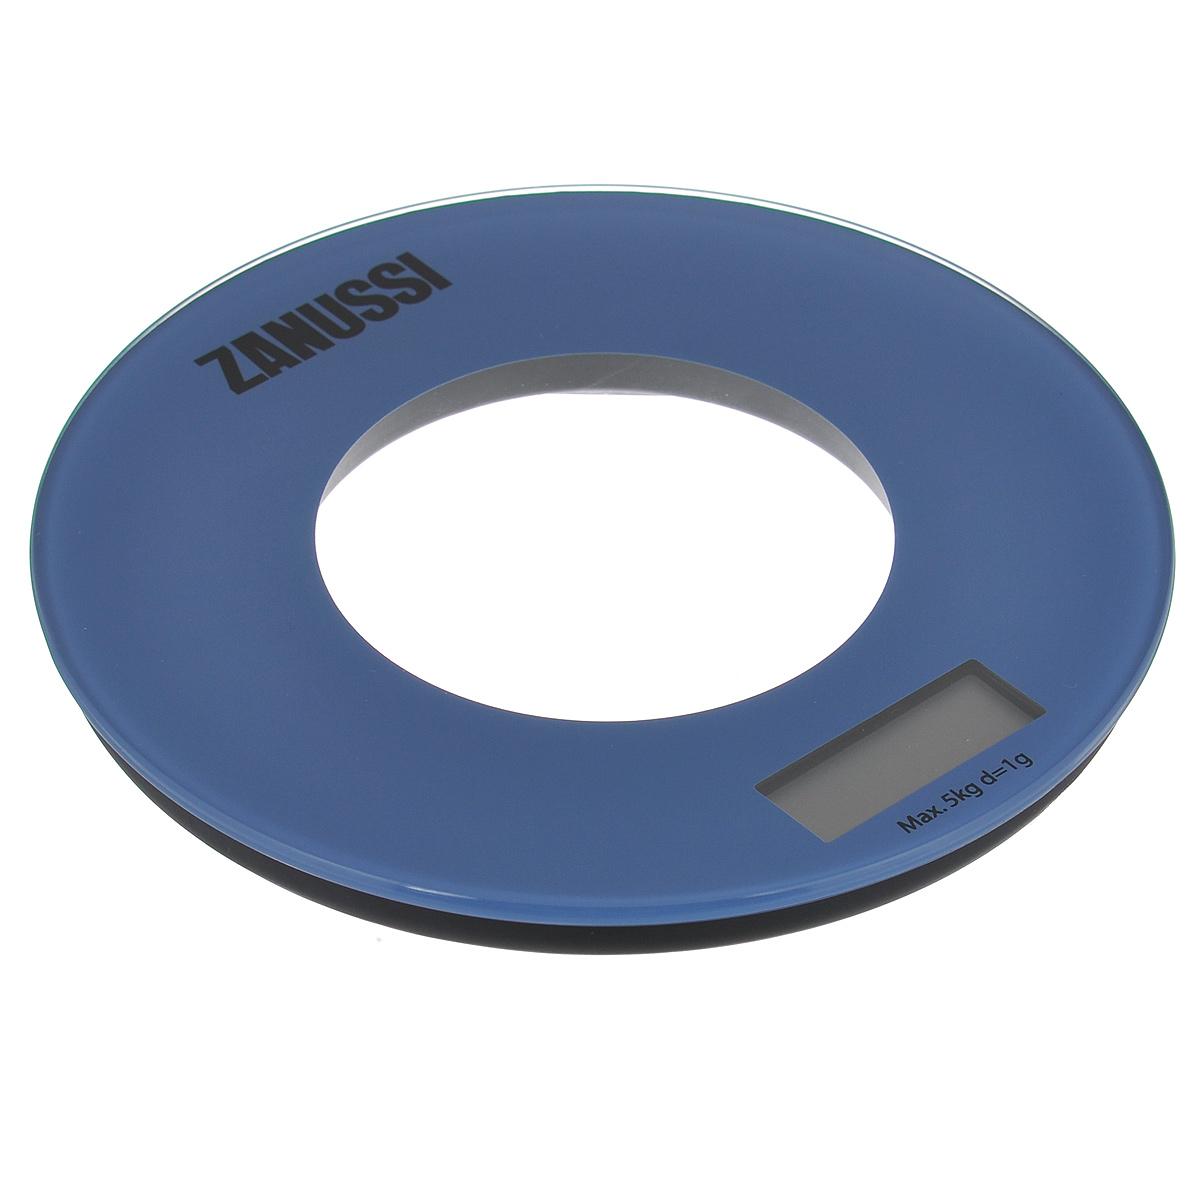 Весы кухонные Zanussi Bologna, электронные, цвет: синий, до 5 кг. ZSE21221EF